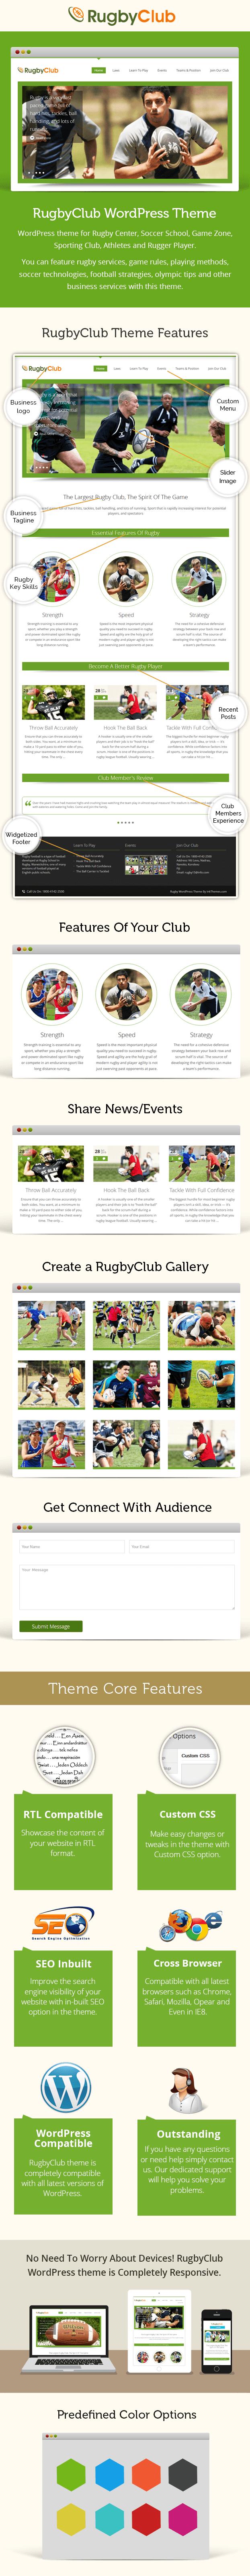 RugbyClub